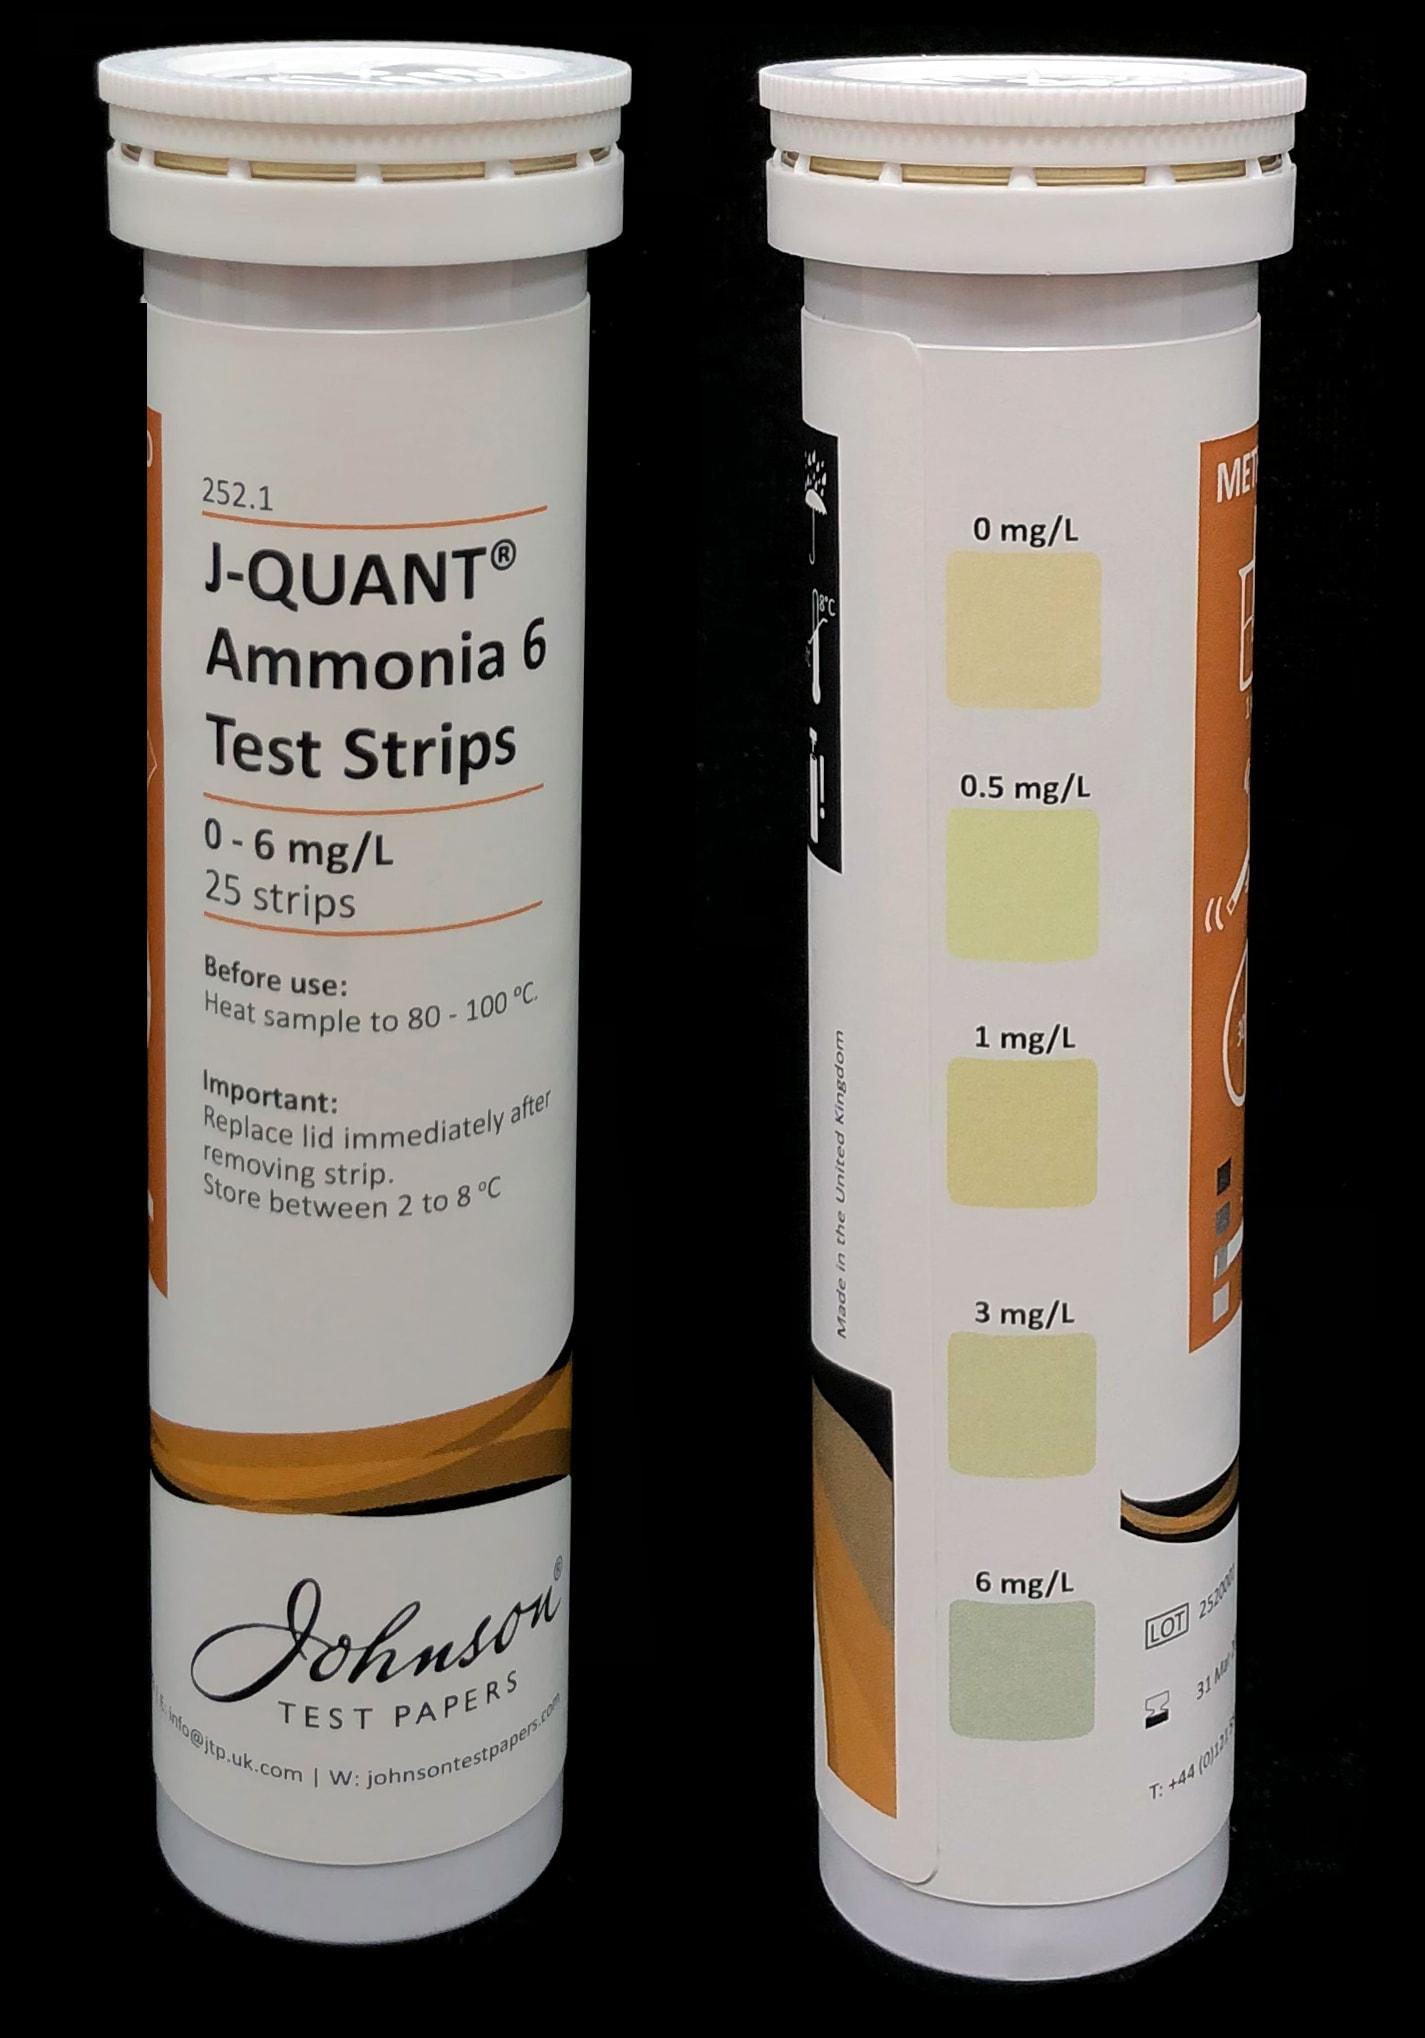 J-QUANT<sup>®</sup> Ammonia